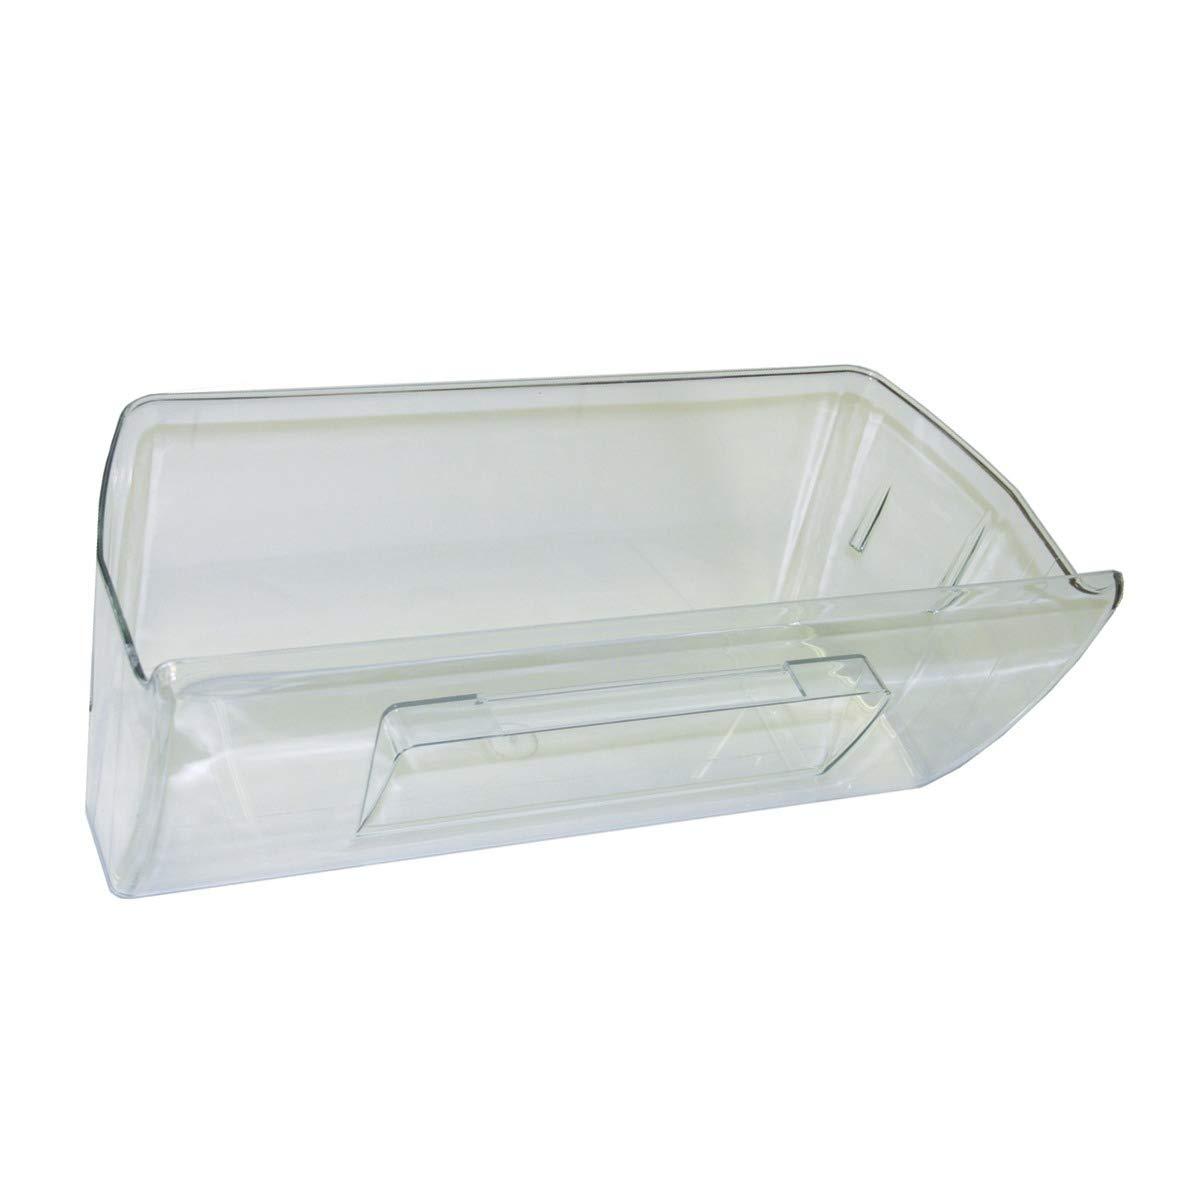 AEG Electrolux 224708305 - Cajón para verduras y verduras (apto ...